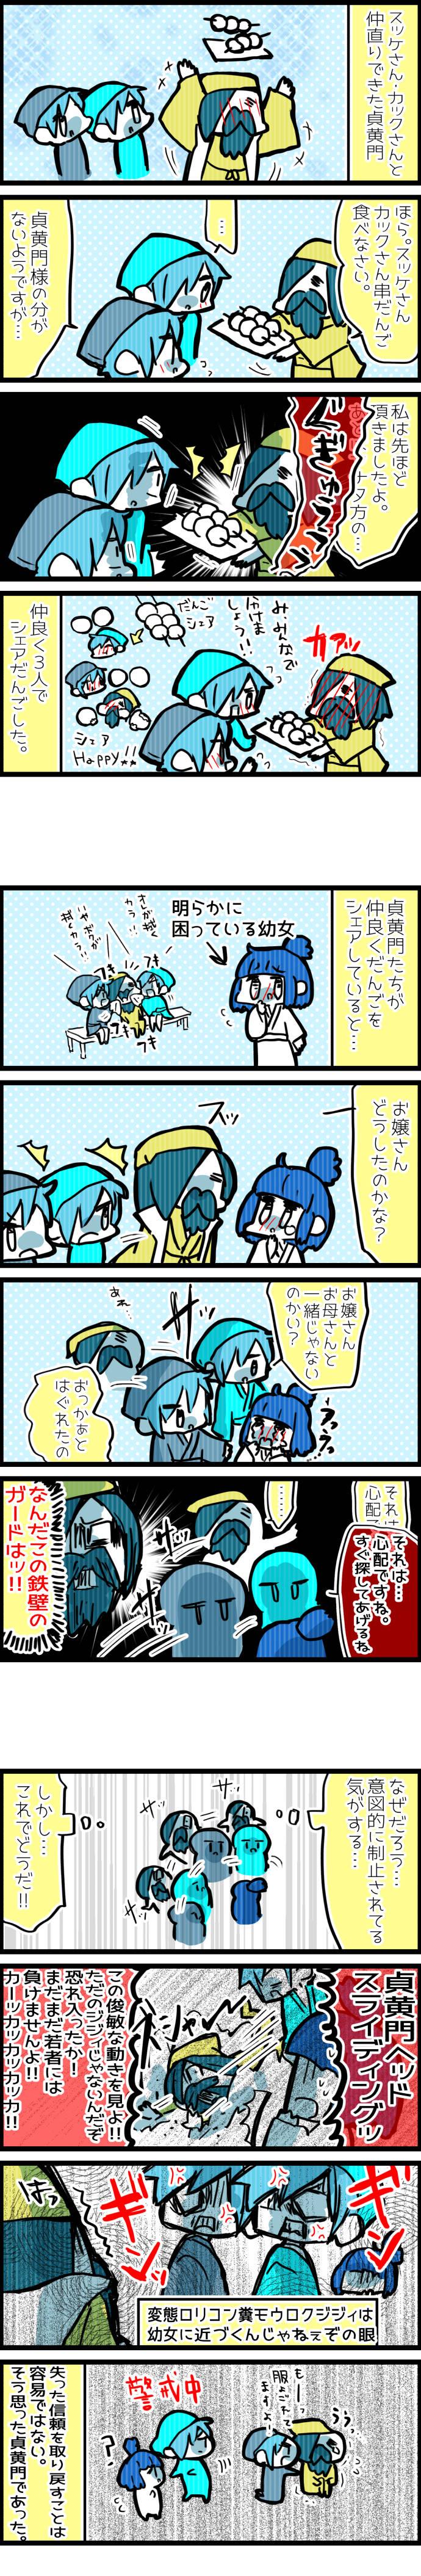 neetsadami.com_19話